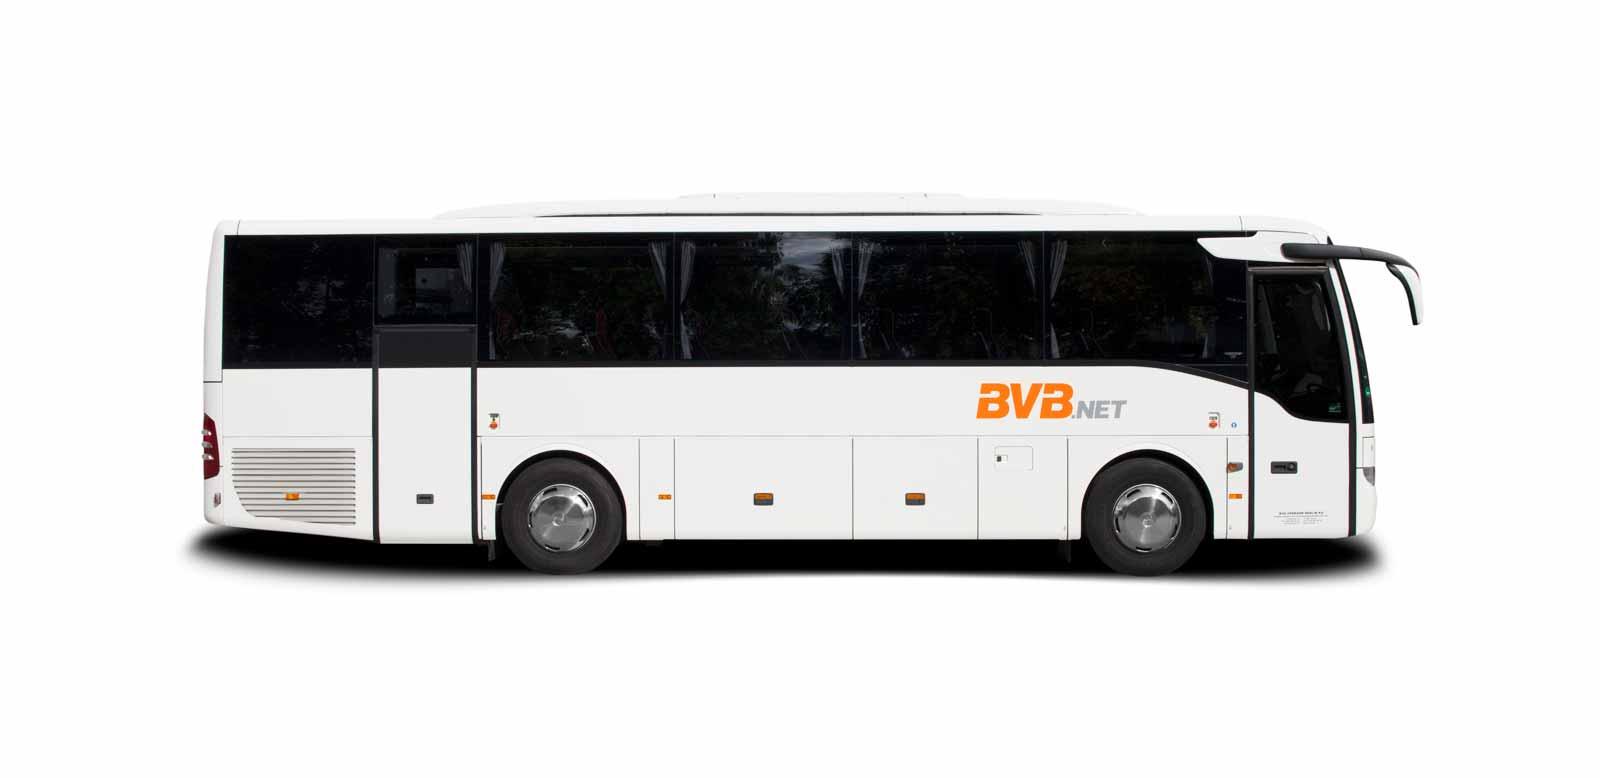 30 bus mieten